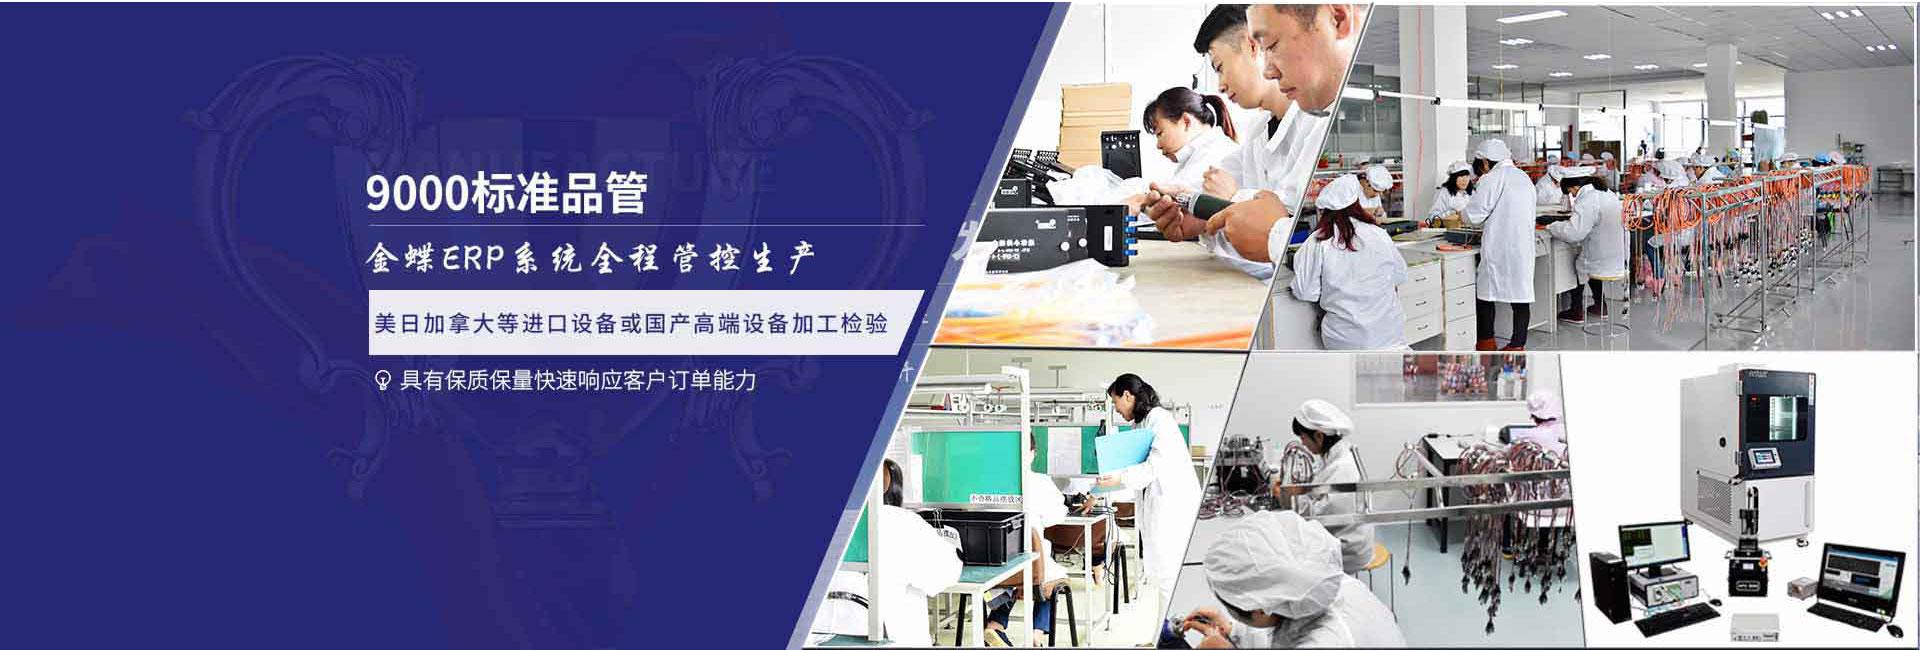 科羿康9000标准品管 金蝶ERP系统全程管控生产